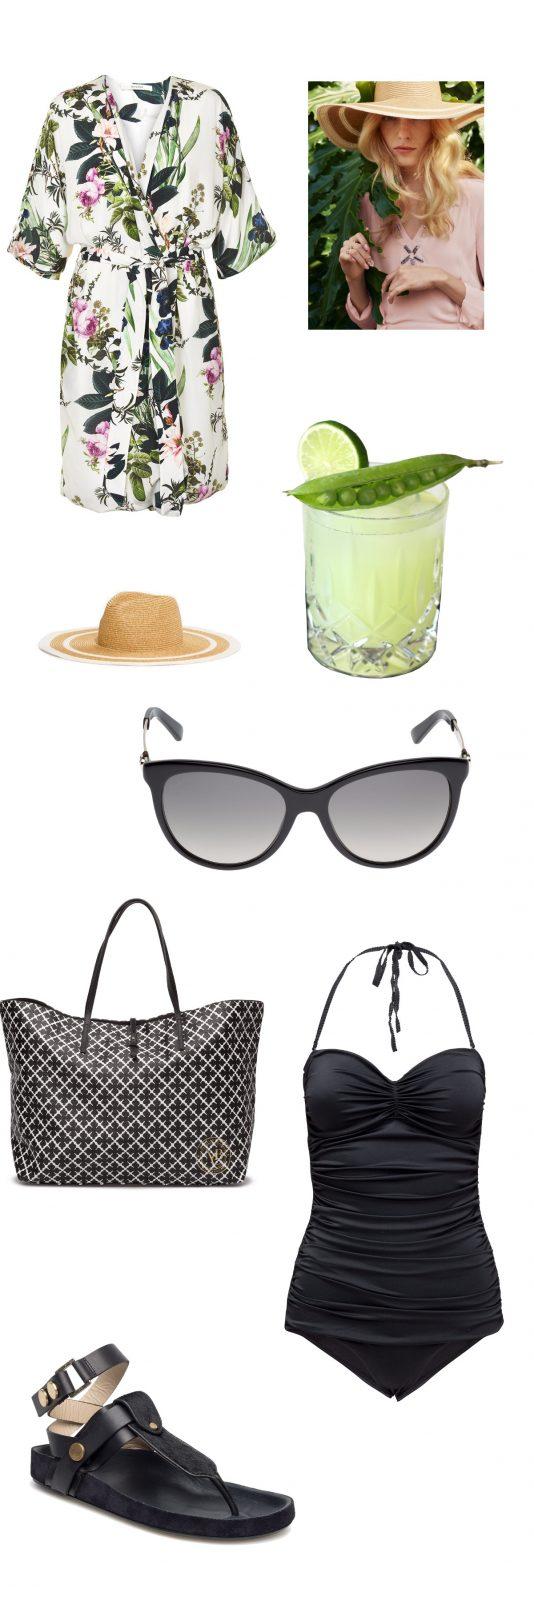 Tøj til ferien - badedragt, solbriller, sandaler fra by malene birger, gucci solbriller, cocktail, stråhat, kimono fra Gestuz